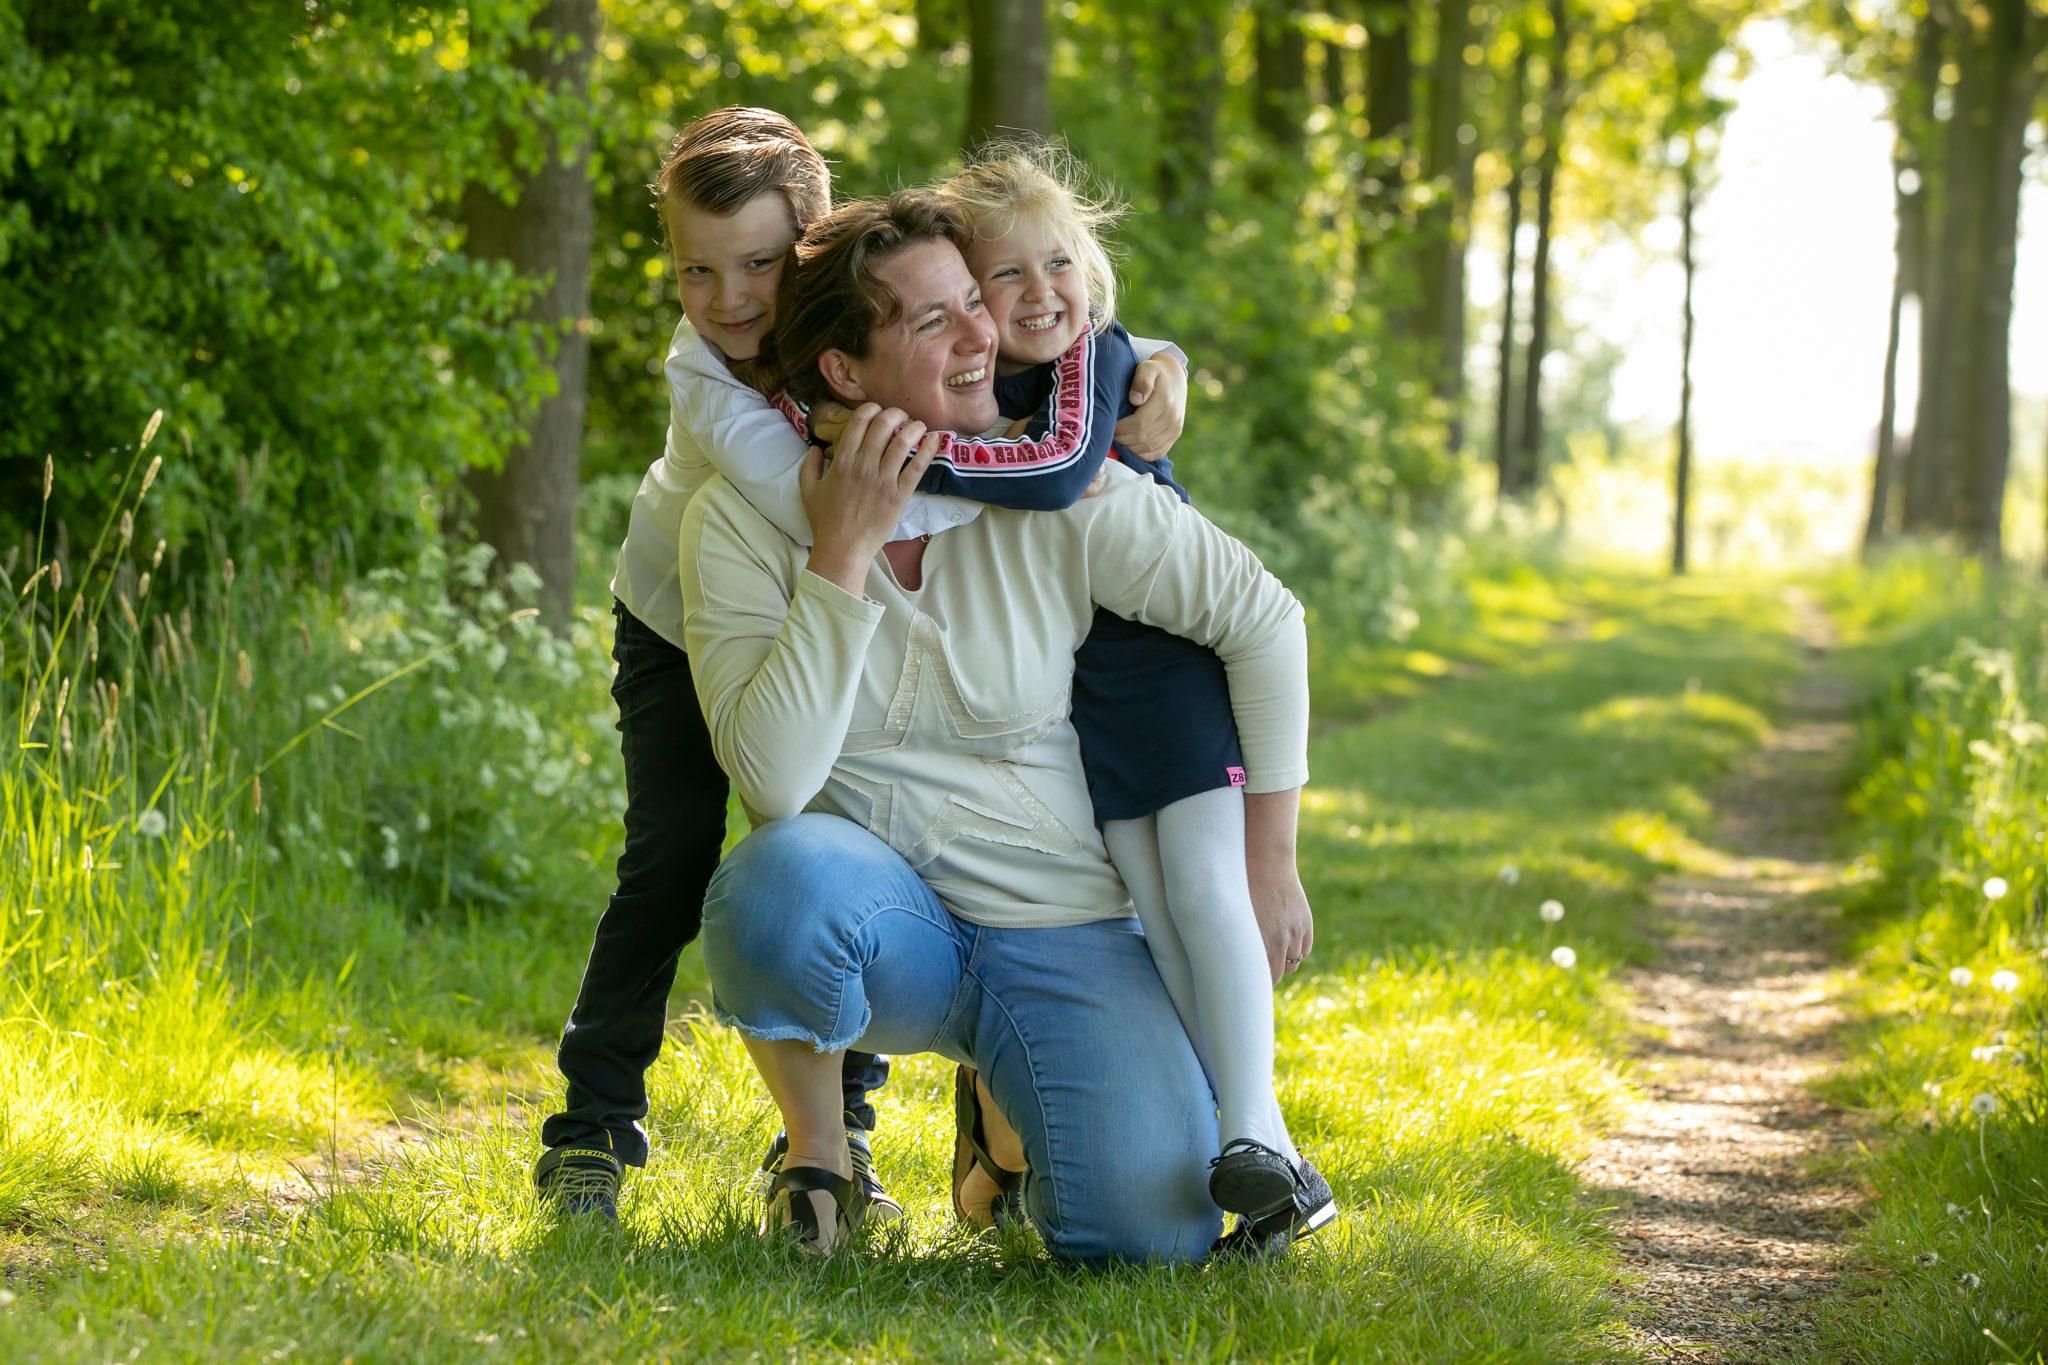 Beloved fotoshoot kinderen en moeder